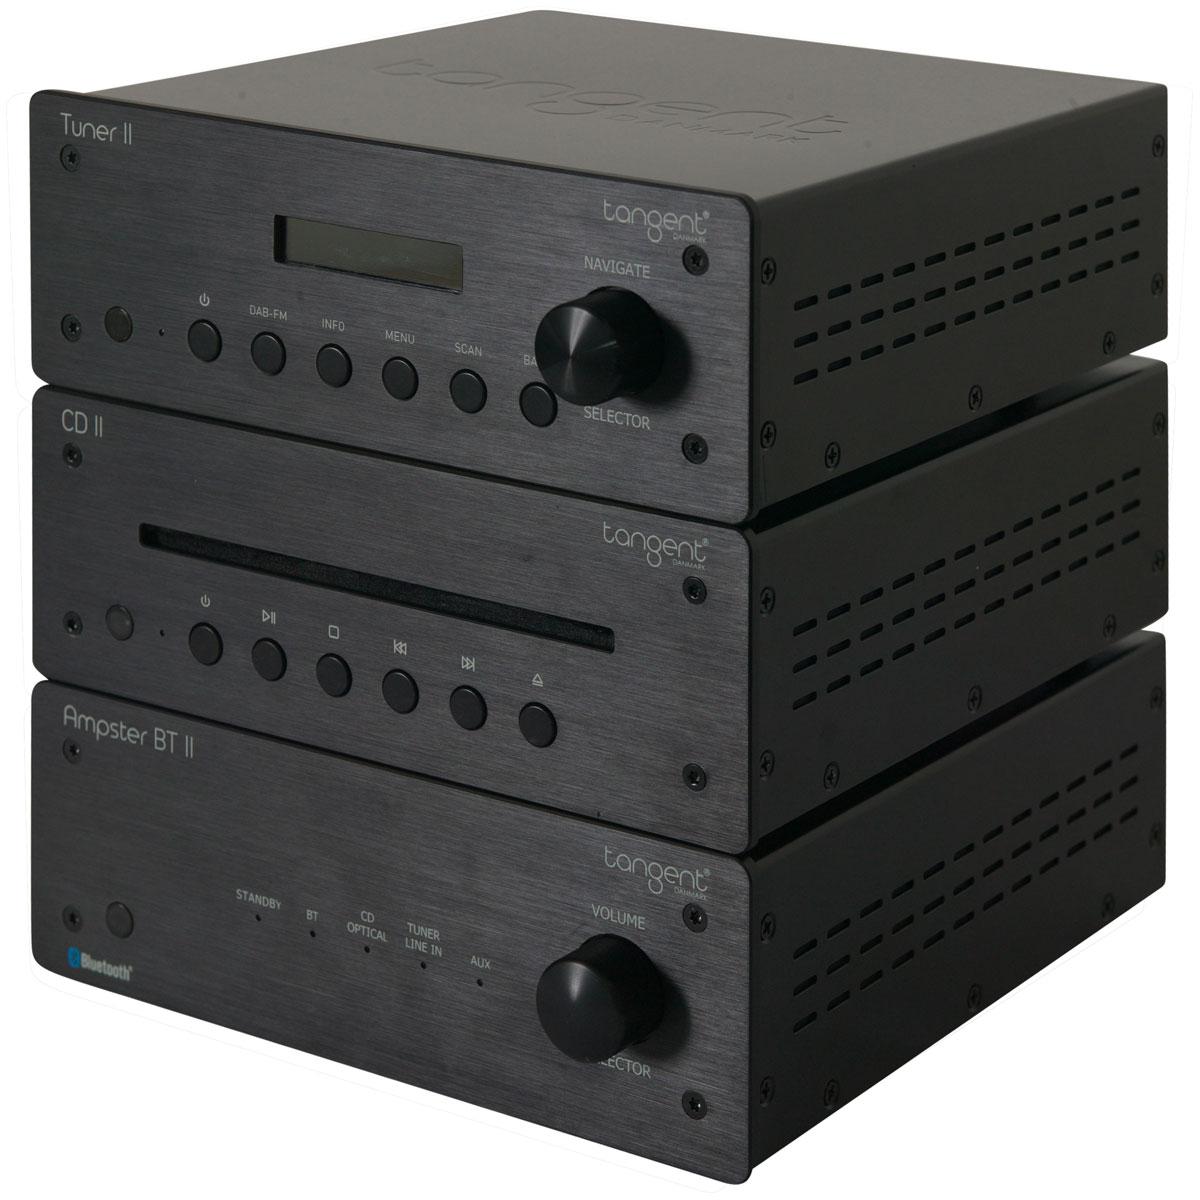 Tangent Hifi II schwarz kompaktes HiFi-System 101173